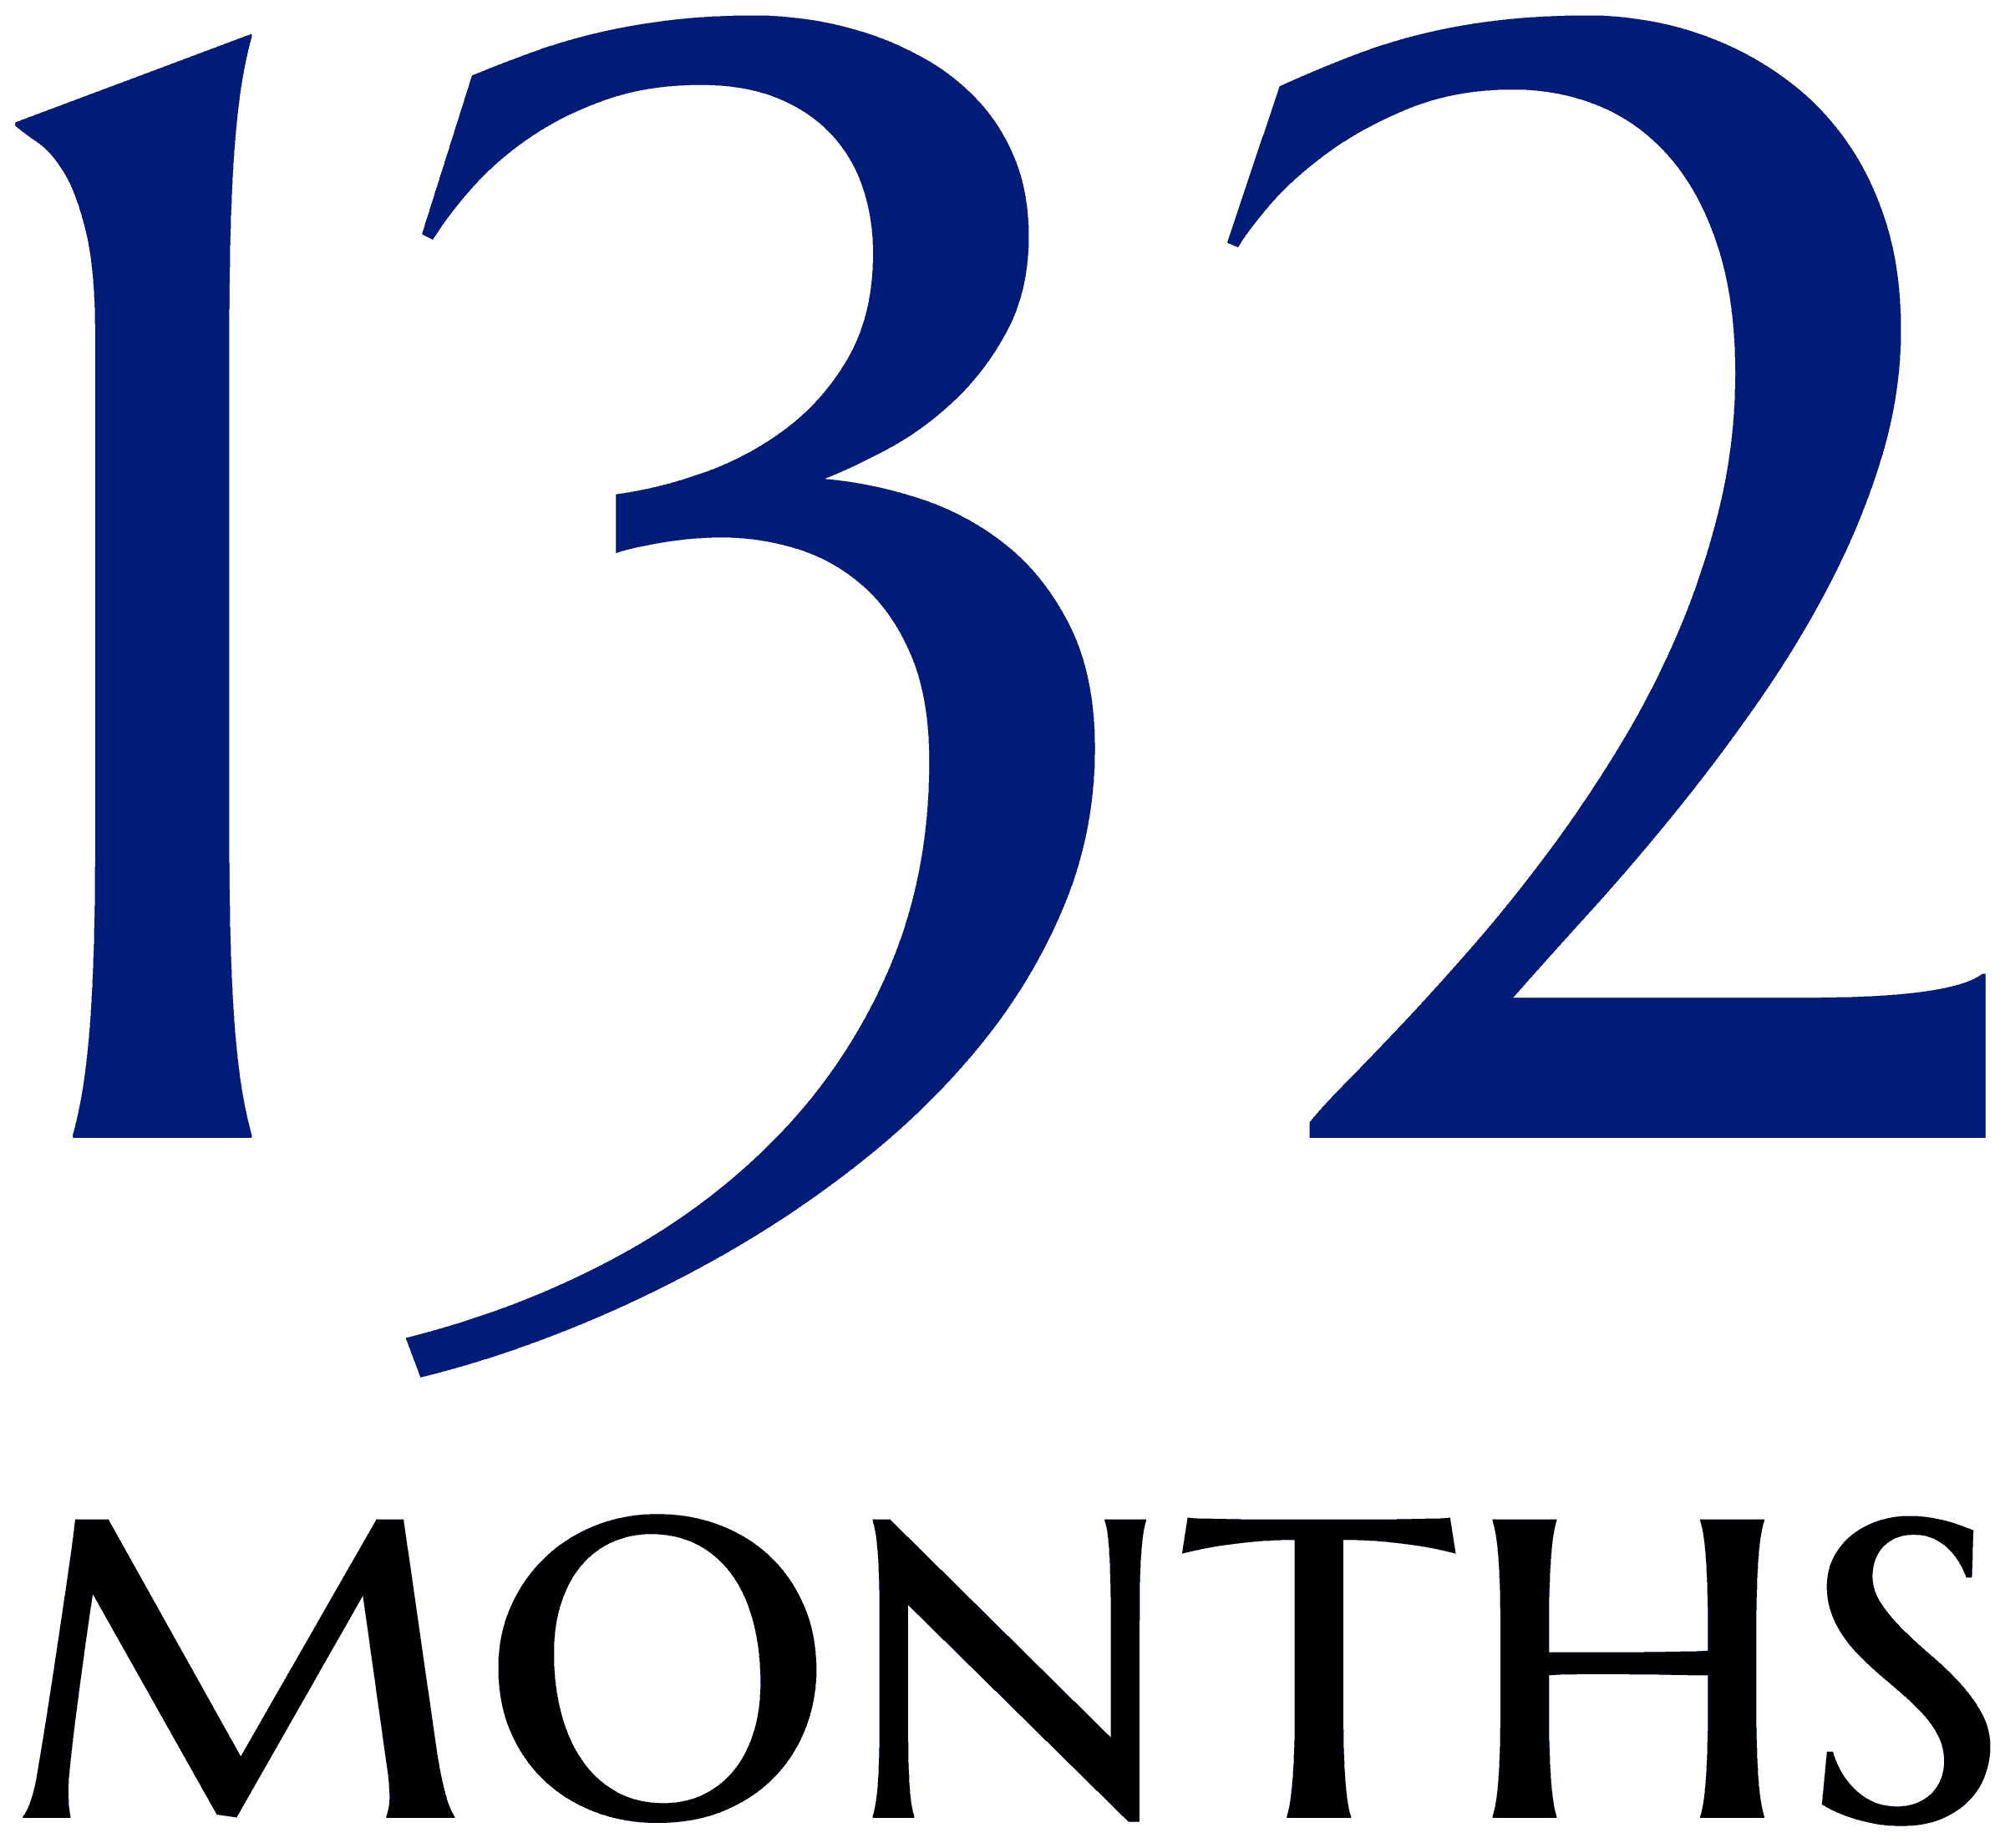 132 months